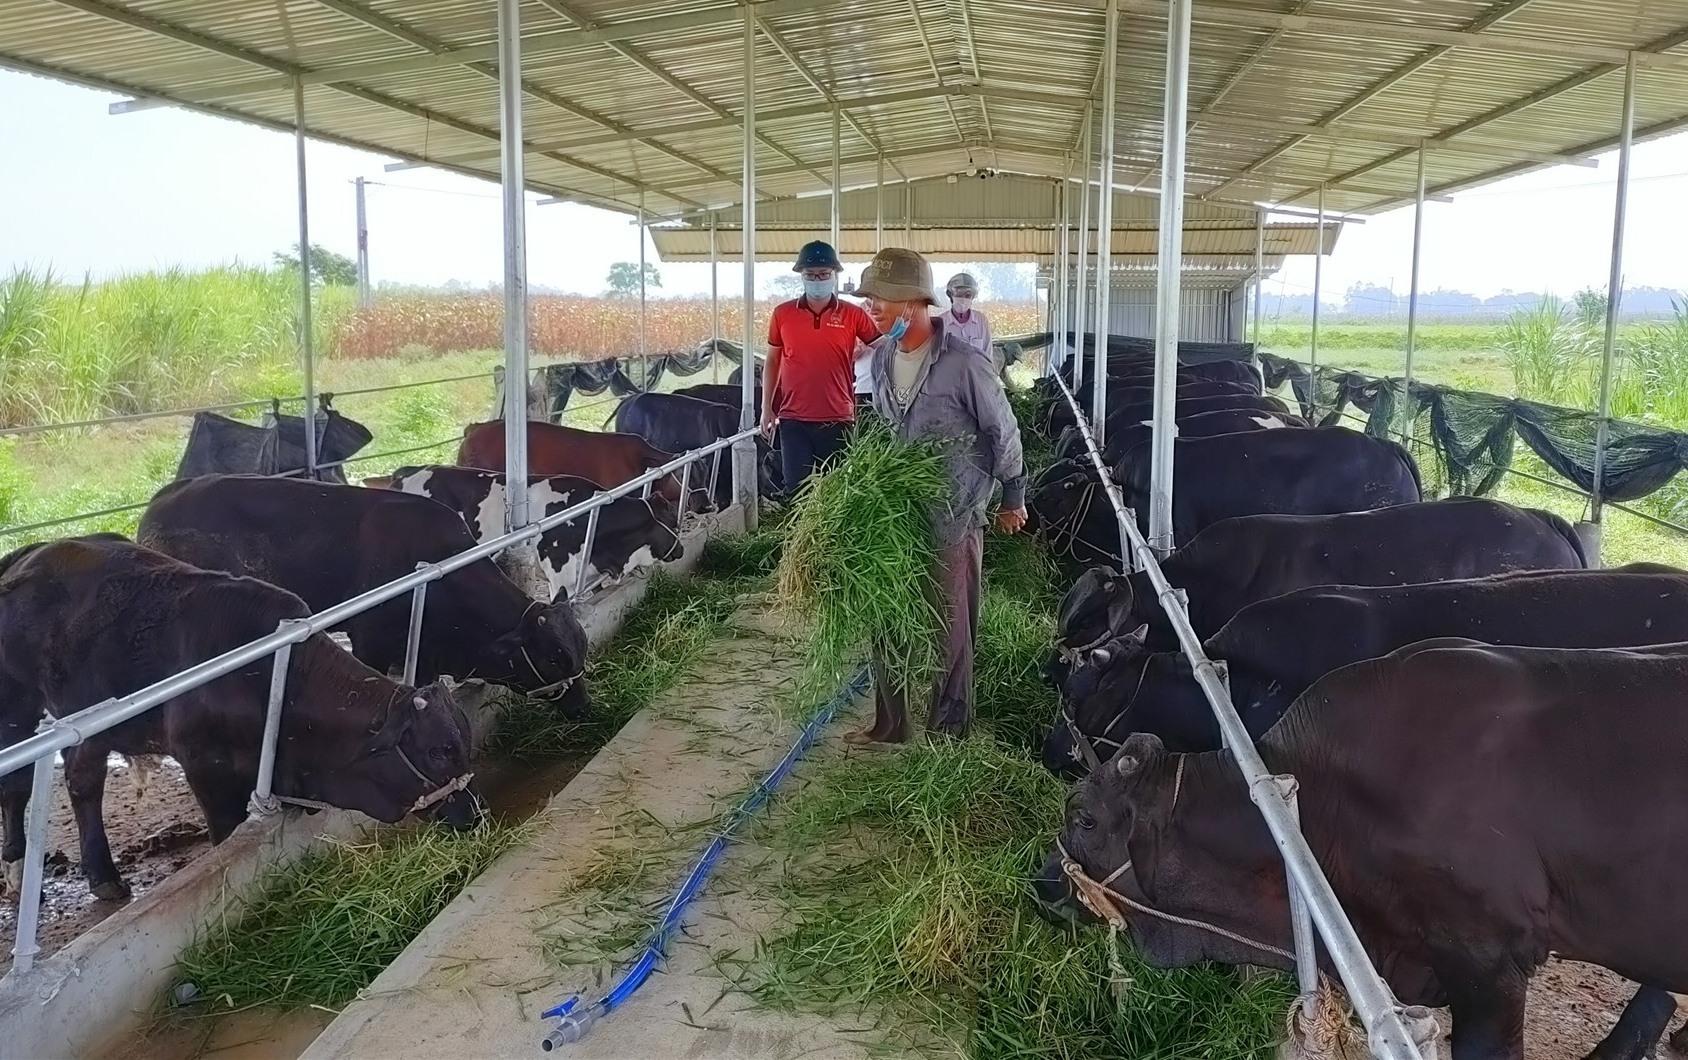 Mô hình chăn nuôi giống bò 3B đang được nhiều nông dân đầu tư, mang lại hiệu quả kinh tế cao. Ảnh: N.Trang